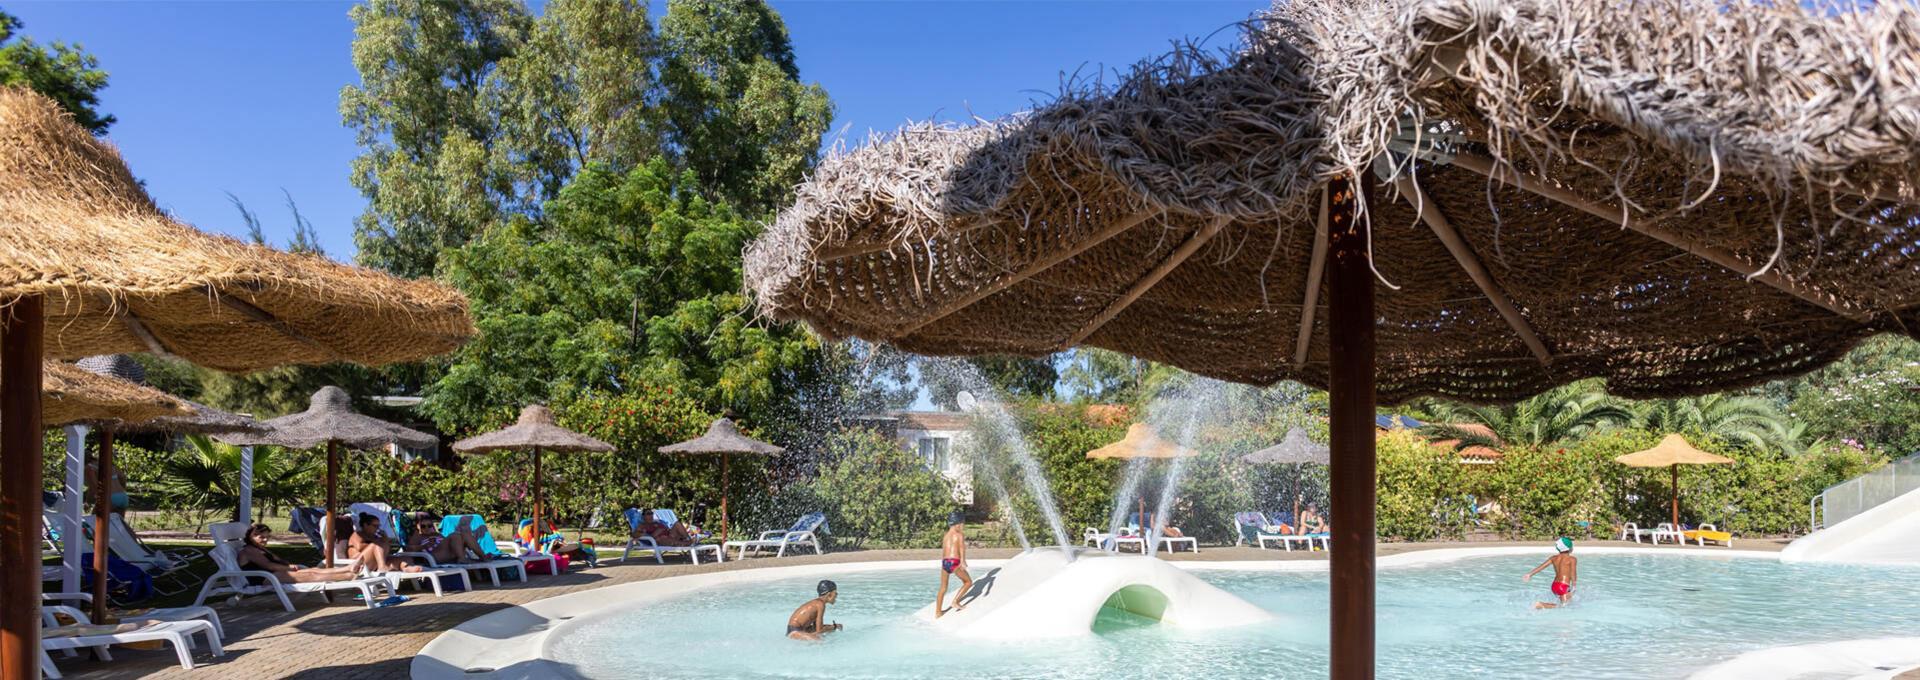 4mori it villaggio-turistico-con-piscina-sardegna 016